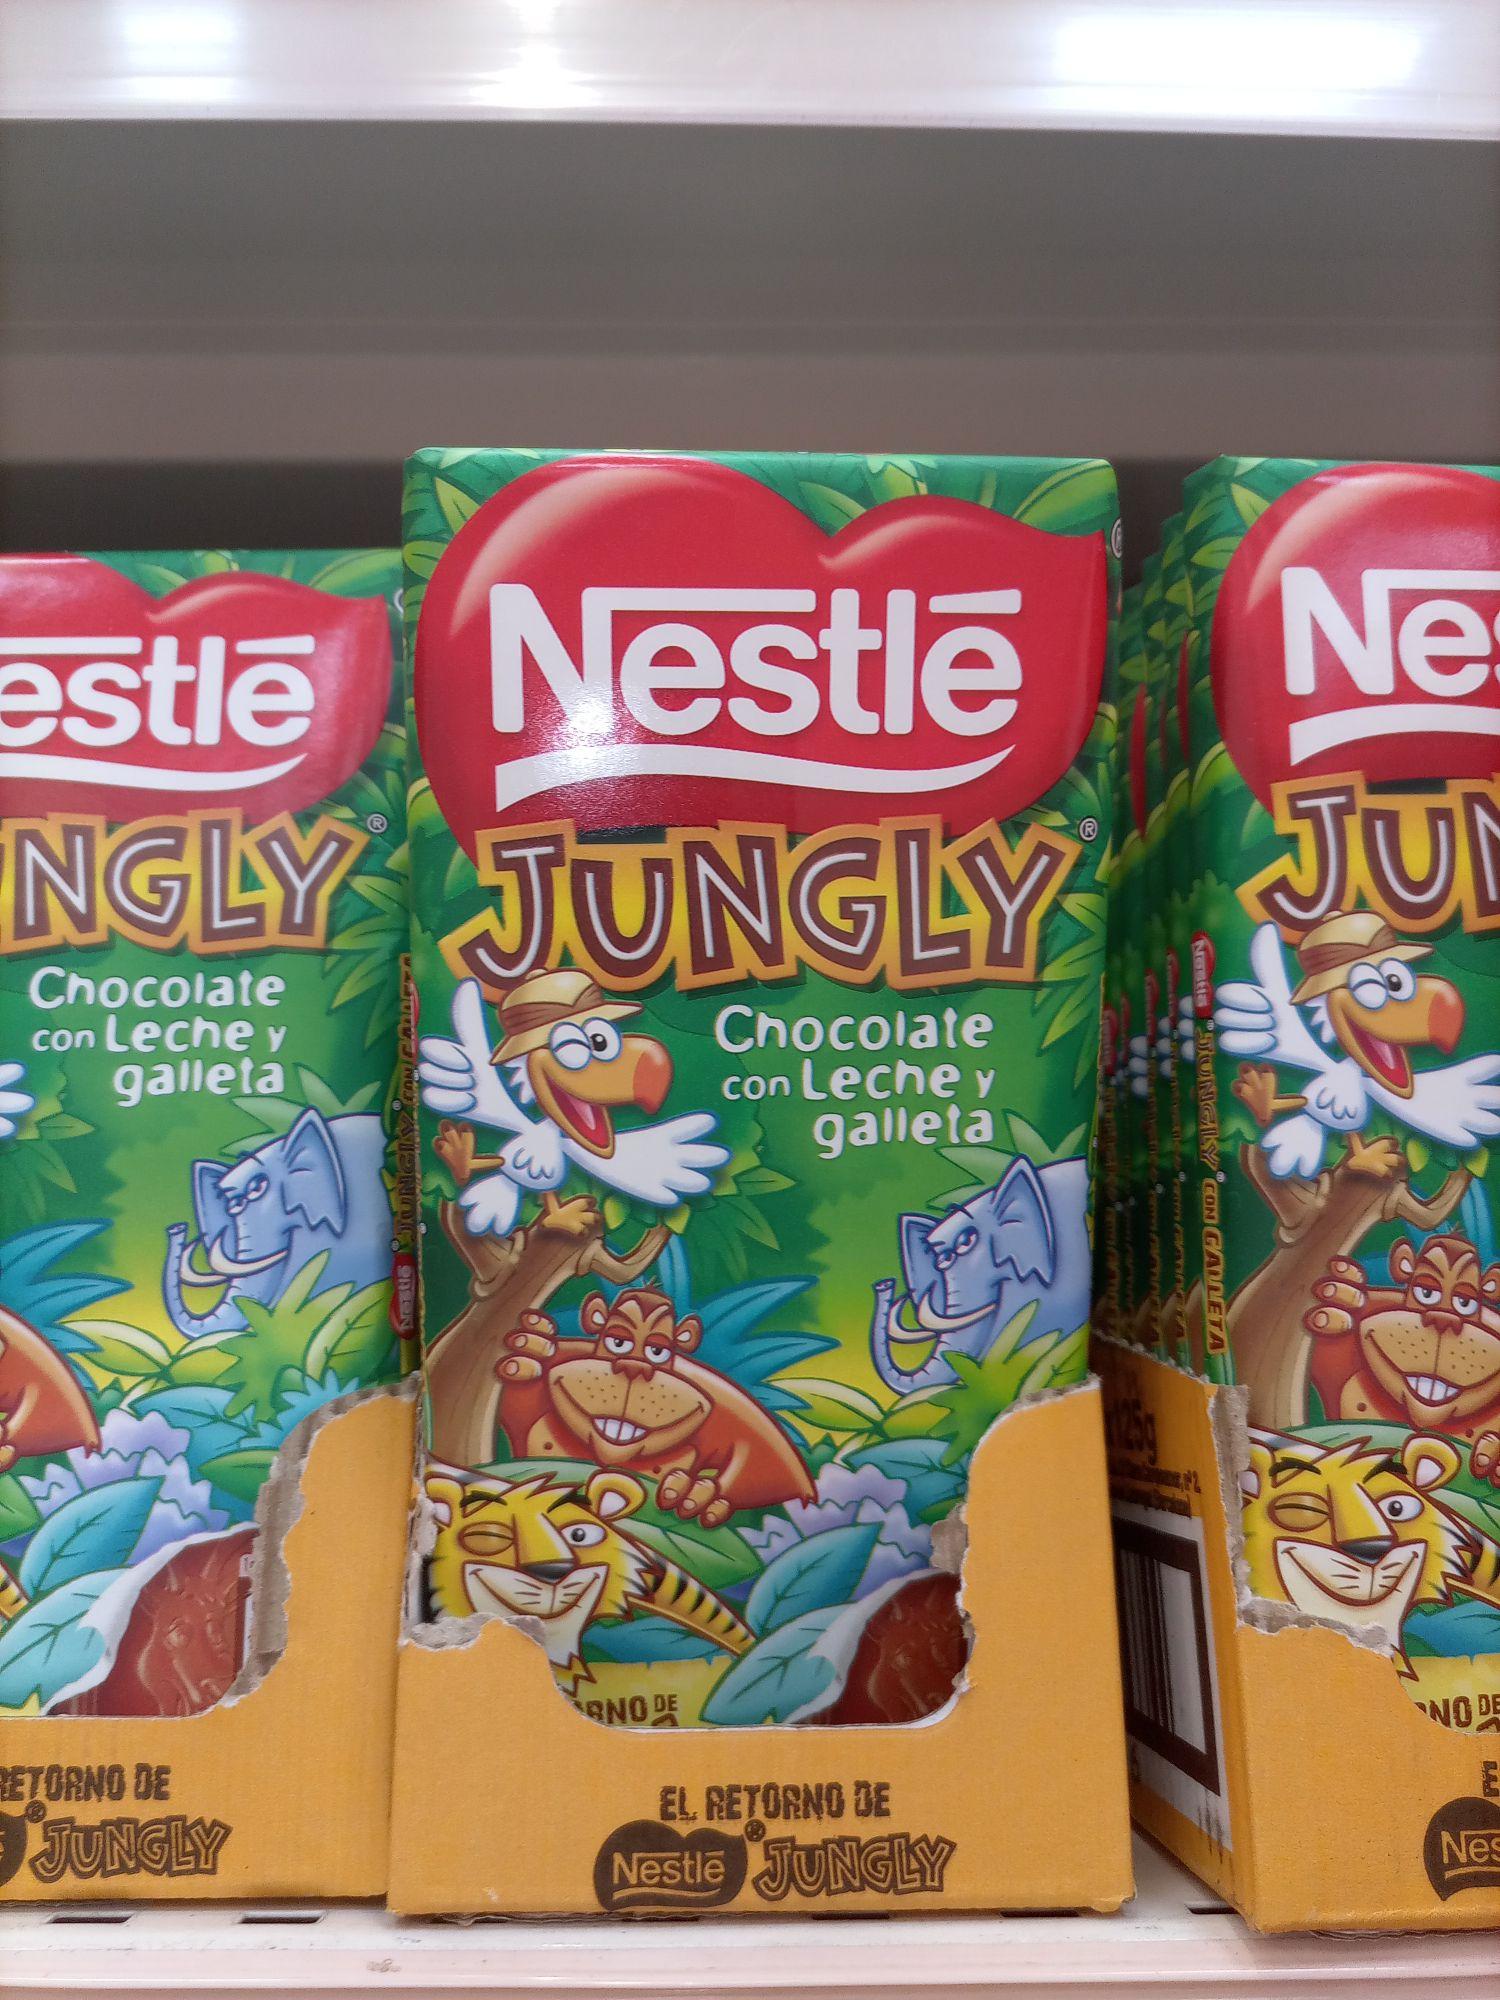 Nestlé Jungly Alcampo Bonaire (Valencia)